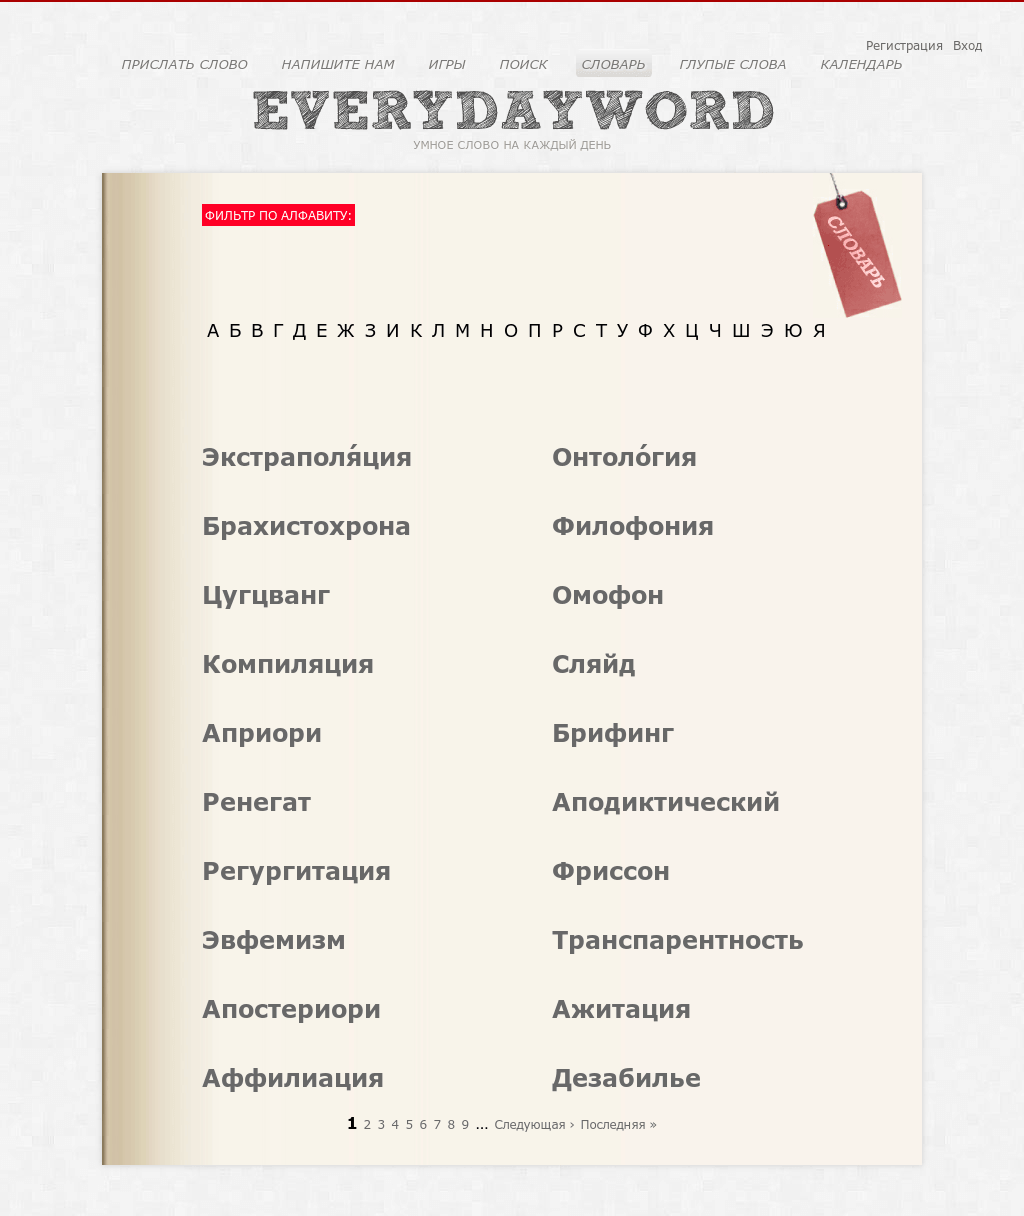 Умное слово на каждый день - Словарь умных слов